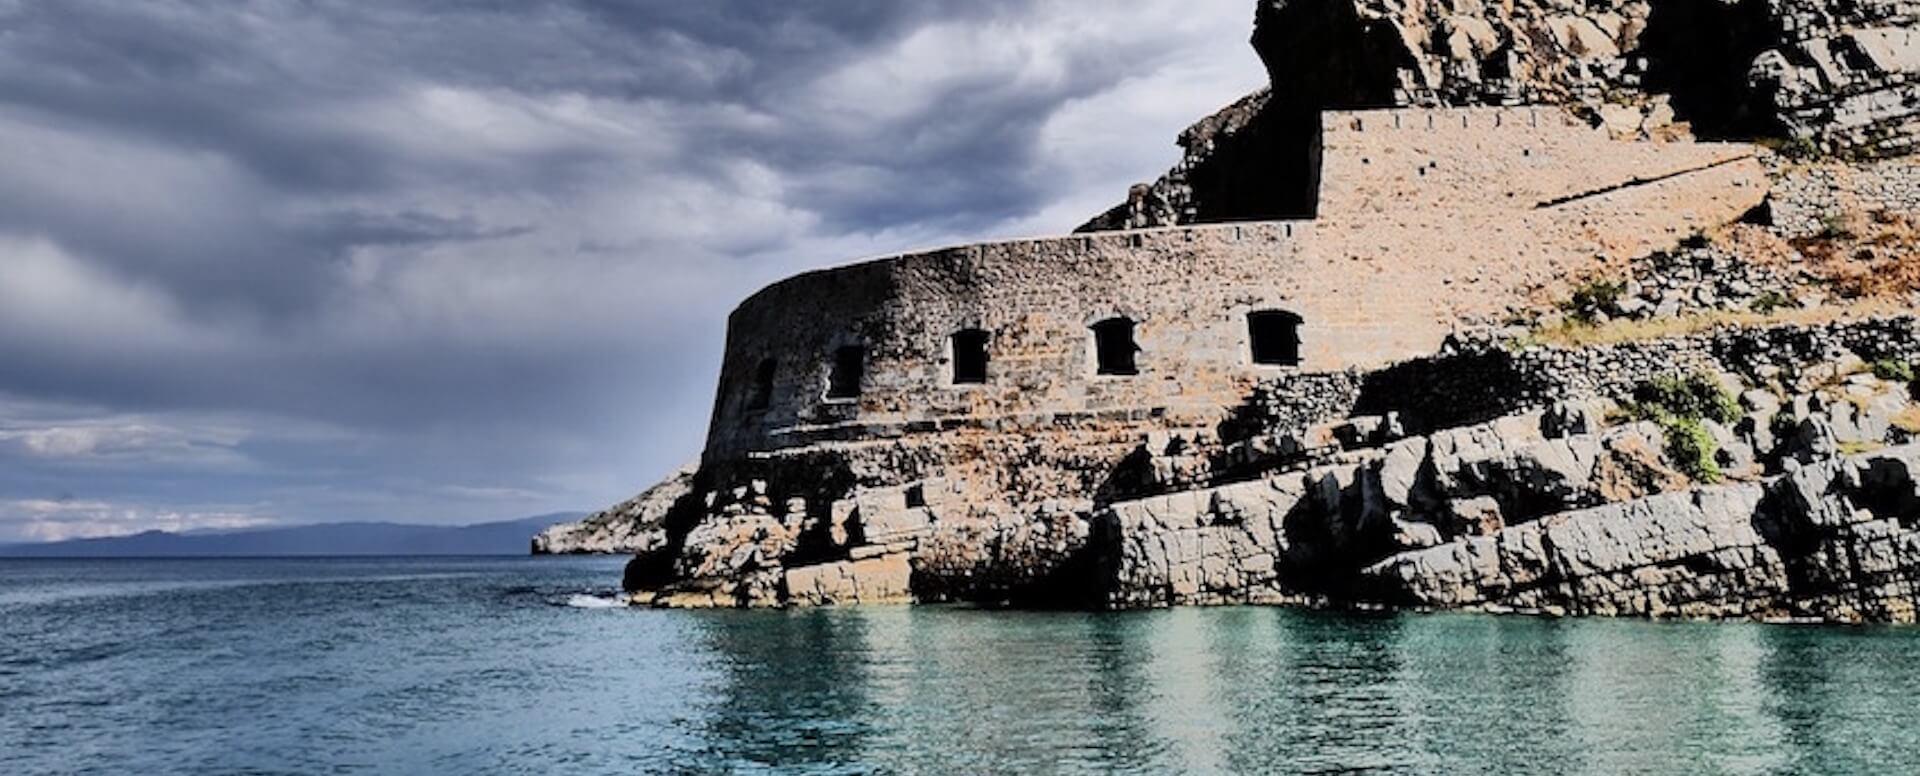 9- Évadez-vous sur l'île de Spinalonga - Crete